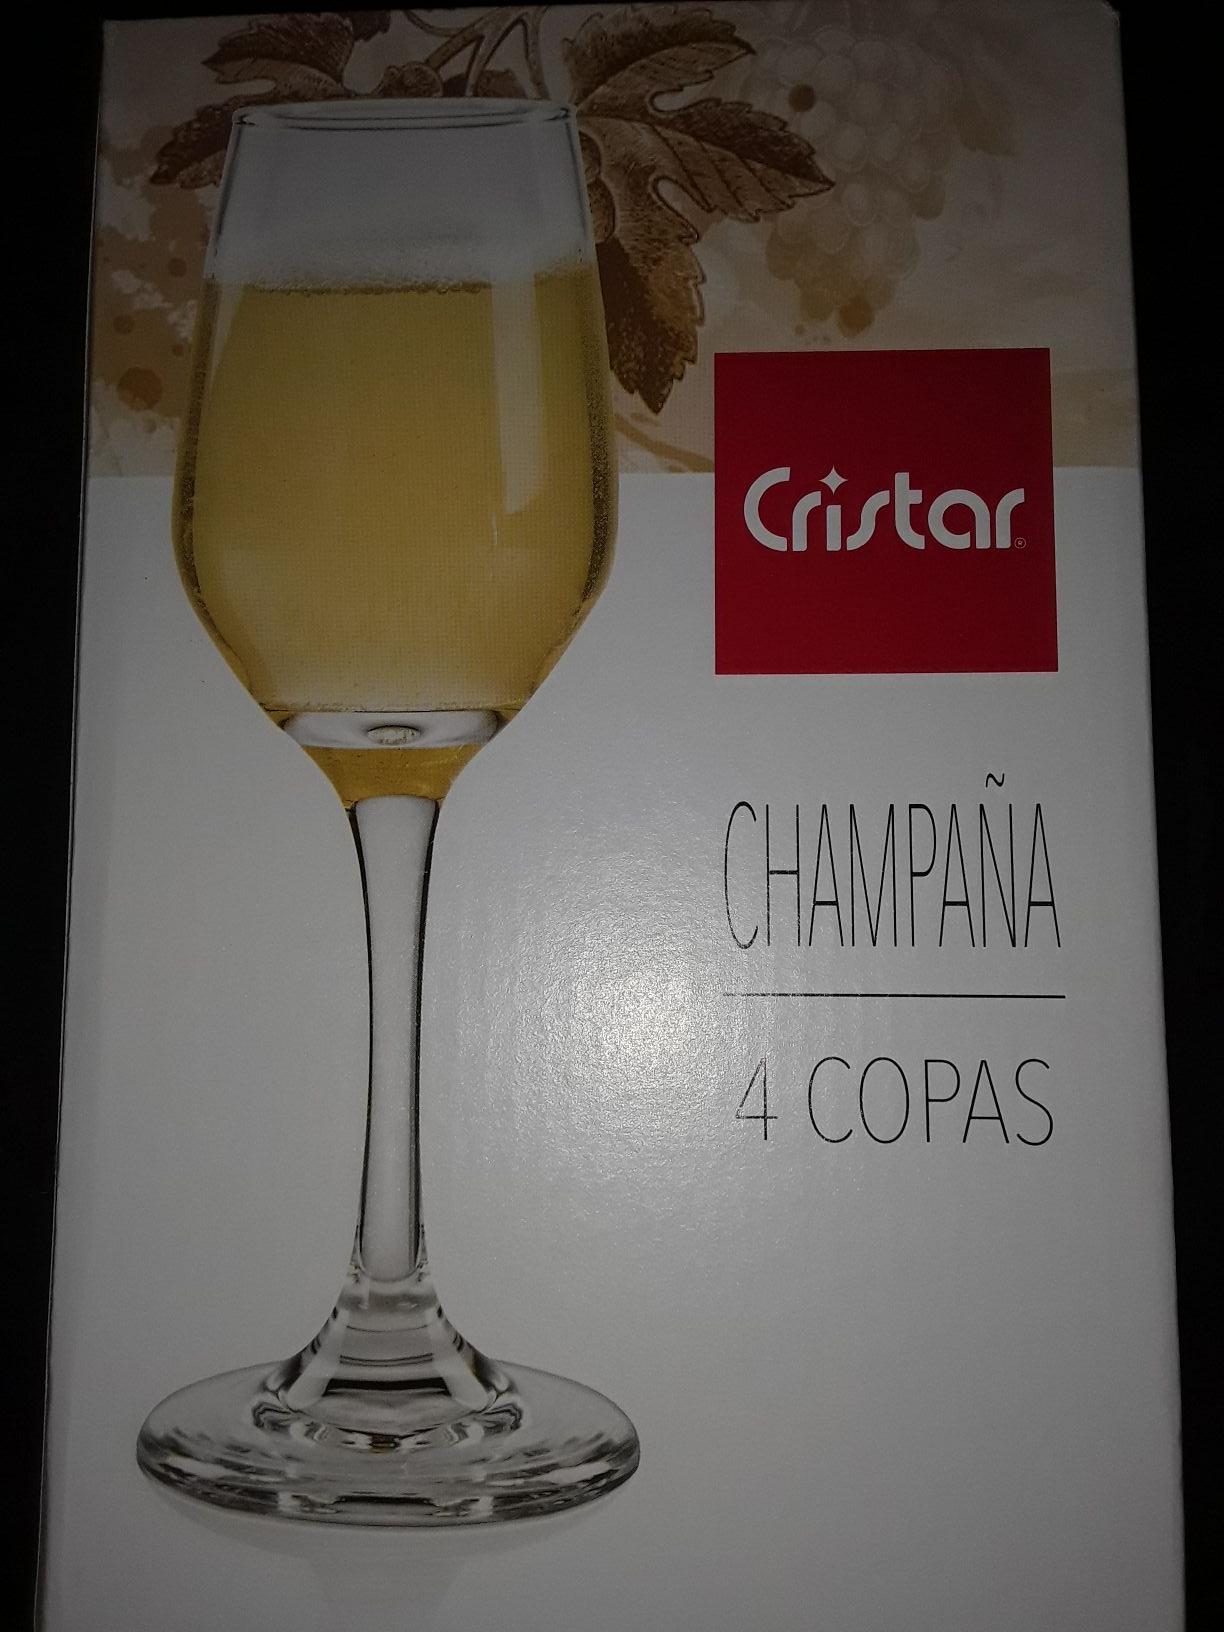 Walmart: 4 copas cristar para champaña